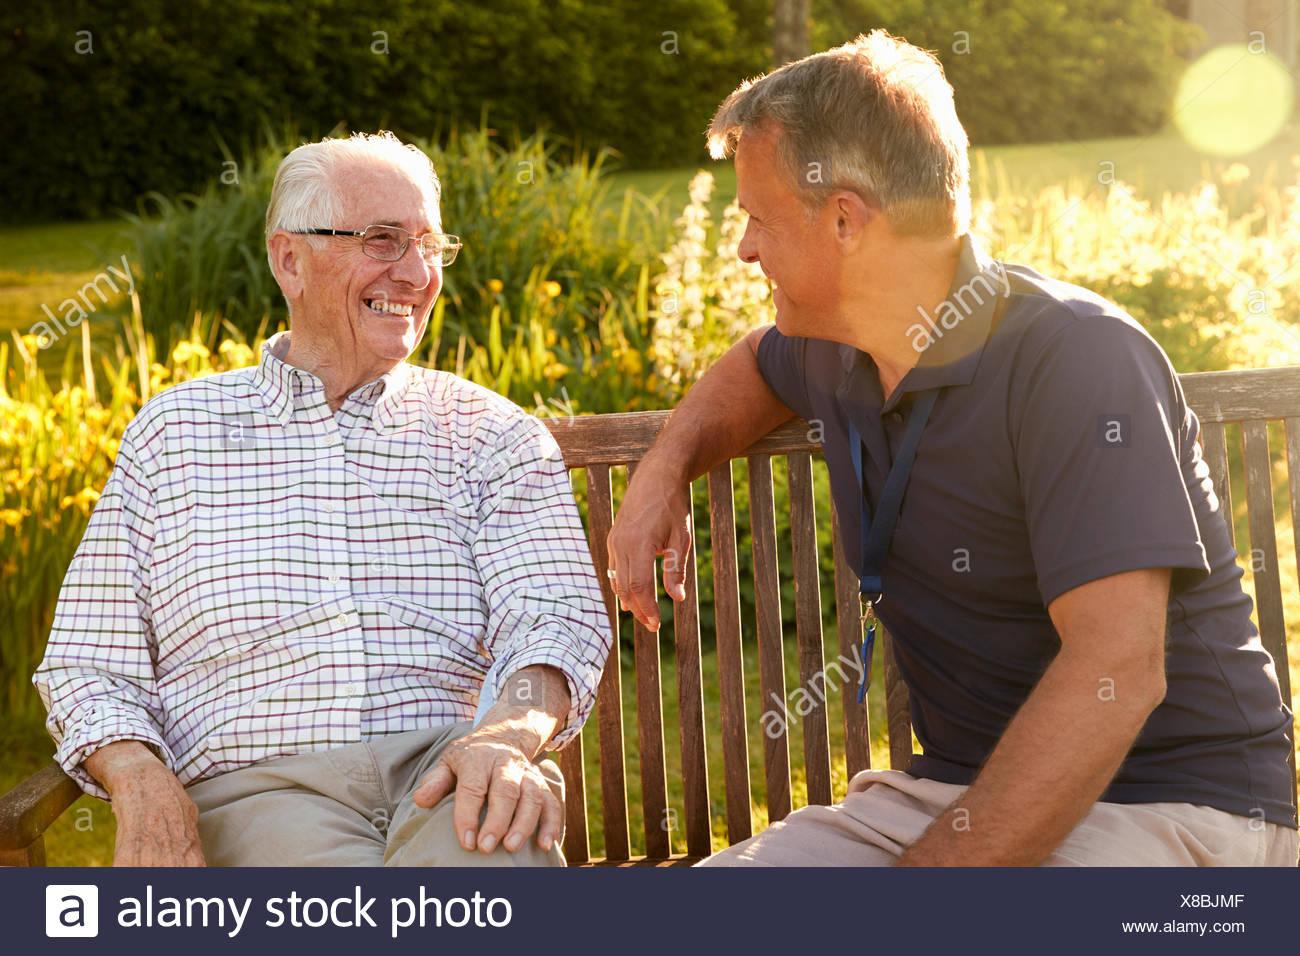 Hombre visitando altos pariente masculino en instalaciones de vida asistida Imagen De Stock